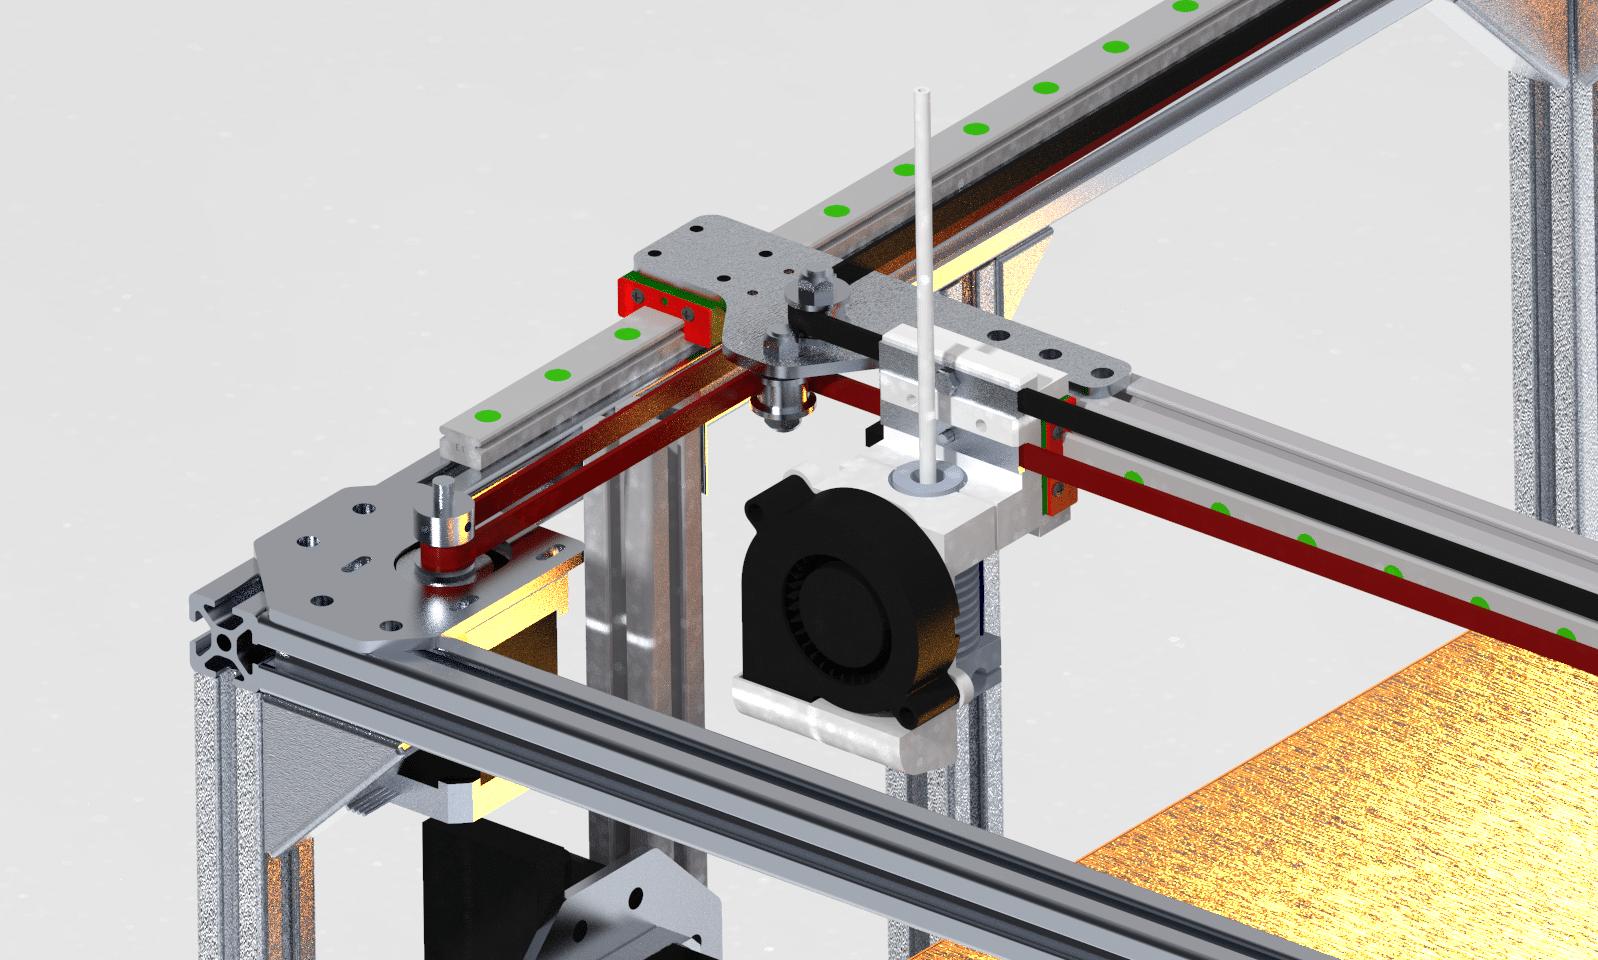 xy gantry of 3d printer